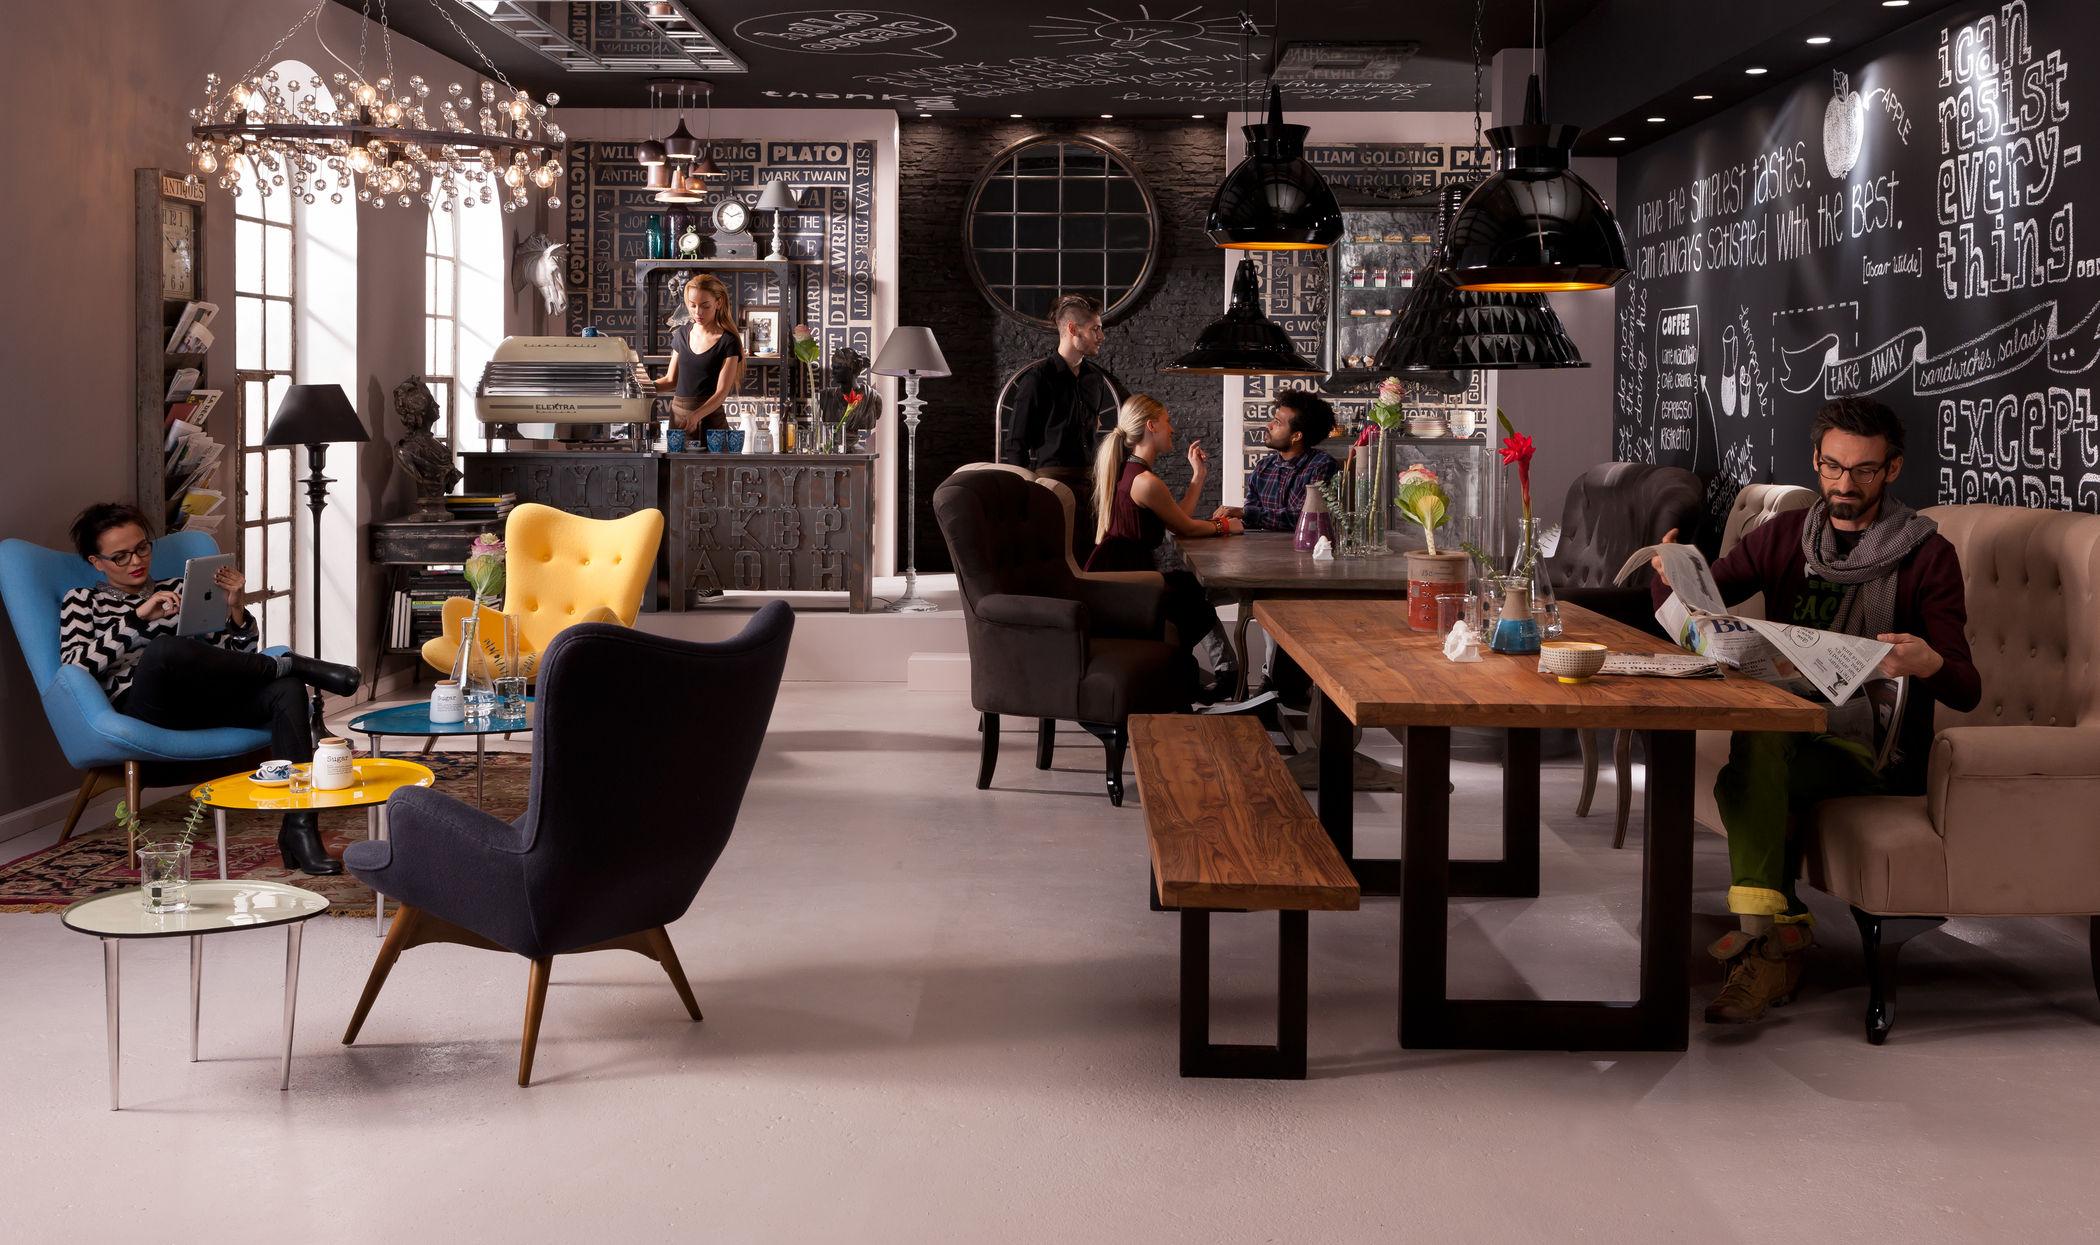 Wohnzimmer | X-markt ? Einsiedler ? Massivmöbel, Polstermöbel ... Kare Design Wohnzimmer